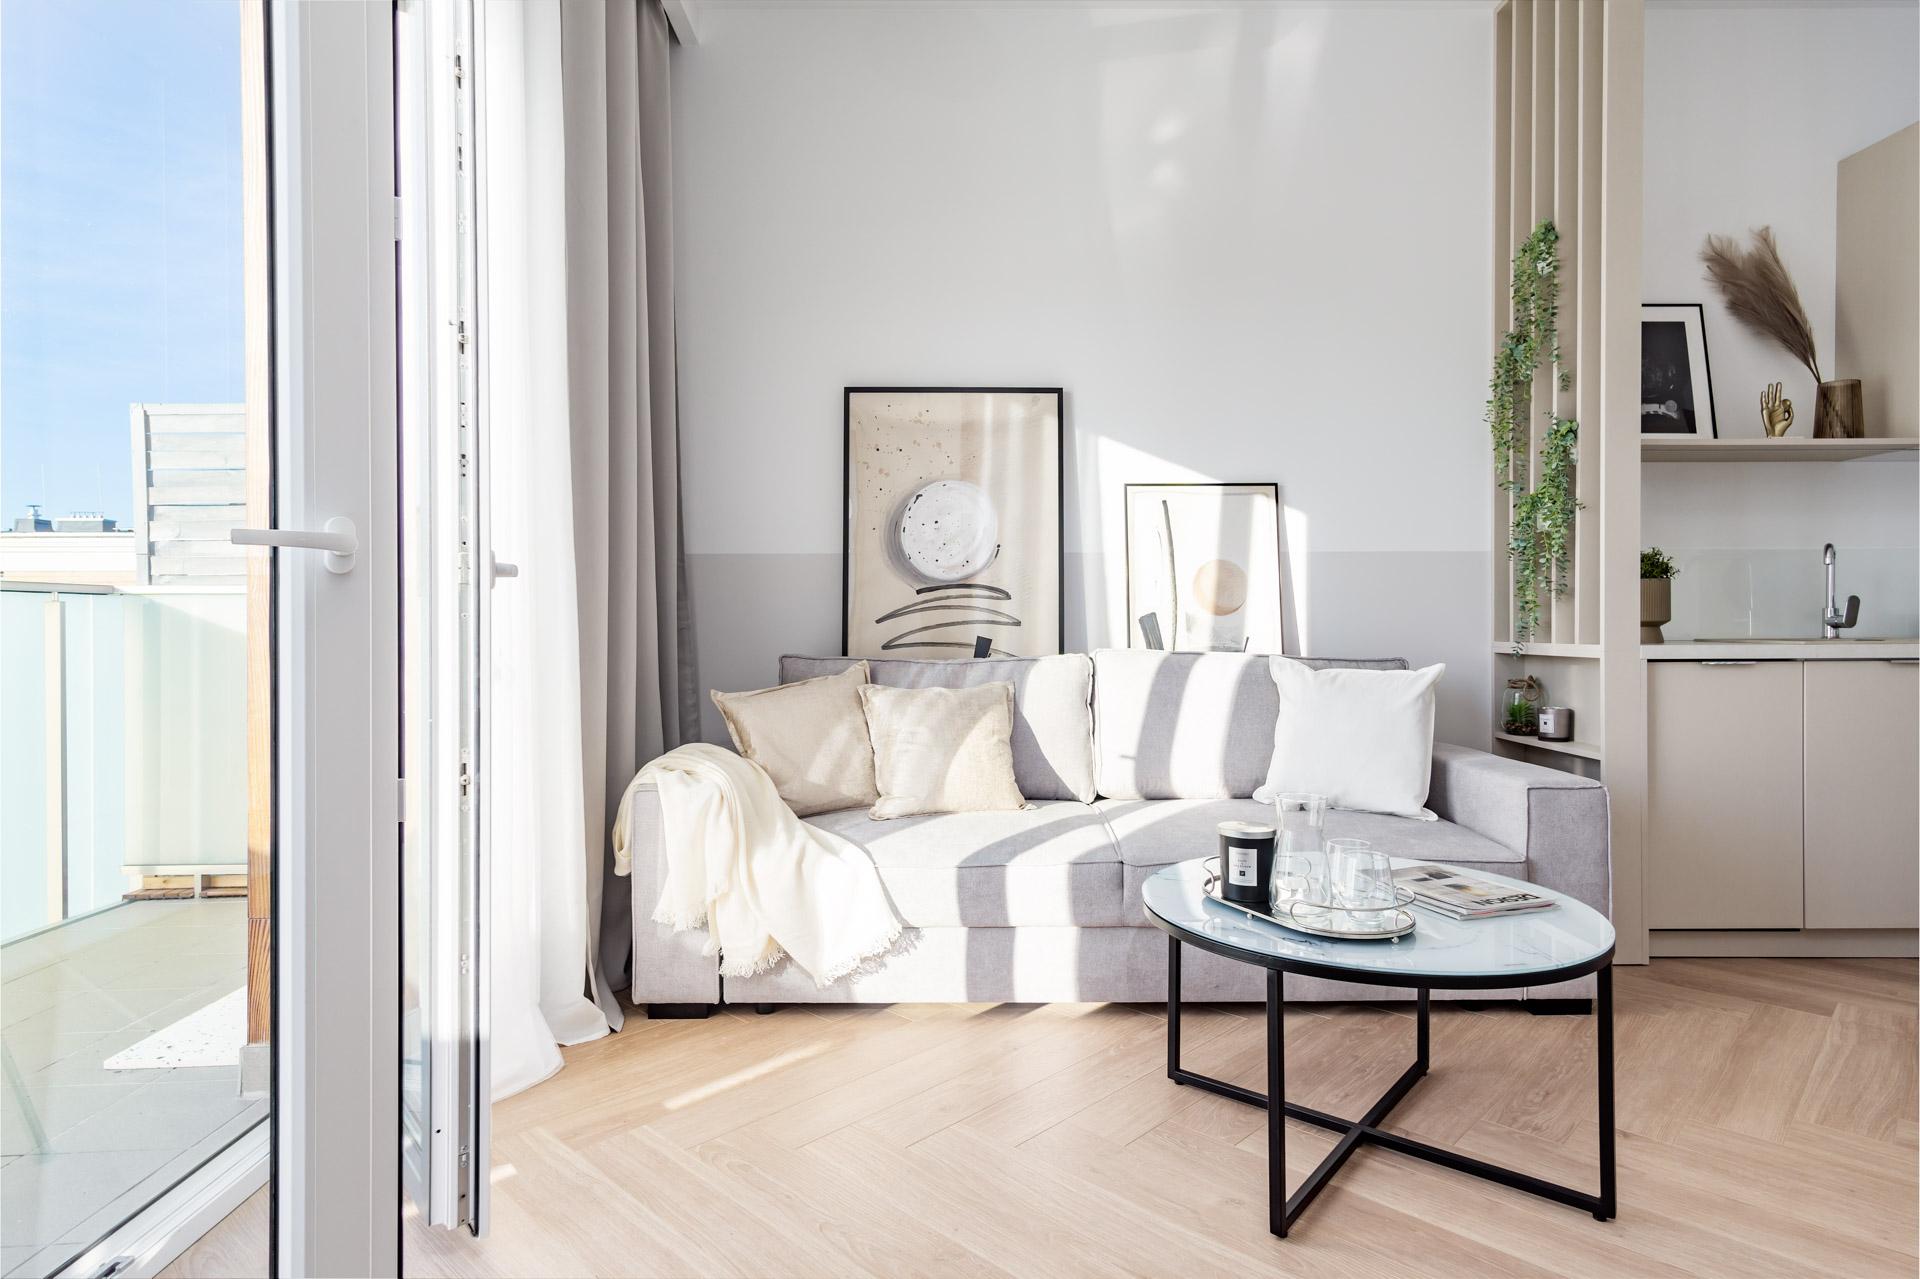 Salon w zaprojektowanym mieszkaniu